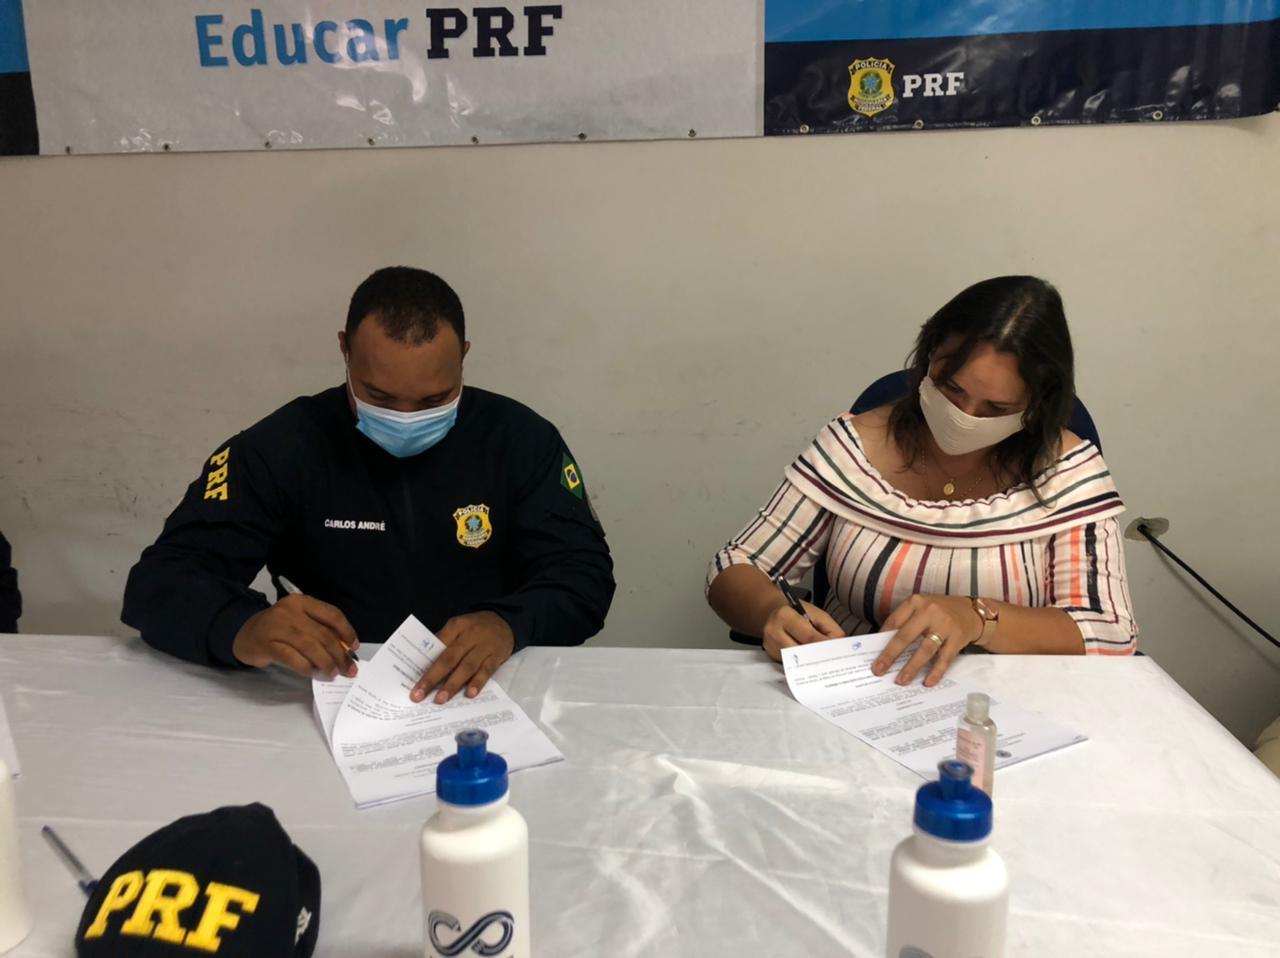 PRF UNA2 - Prefeitura de Uiraúna e PRF-PB assinam termo de adesão de projeto ''Educar PRF'' que beneficiará alunos da Rede Municipal de Ensino.